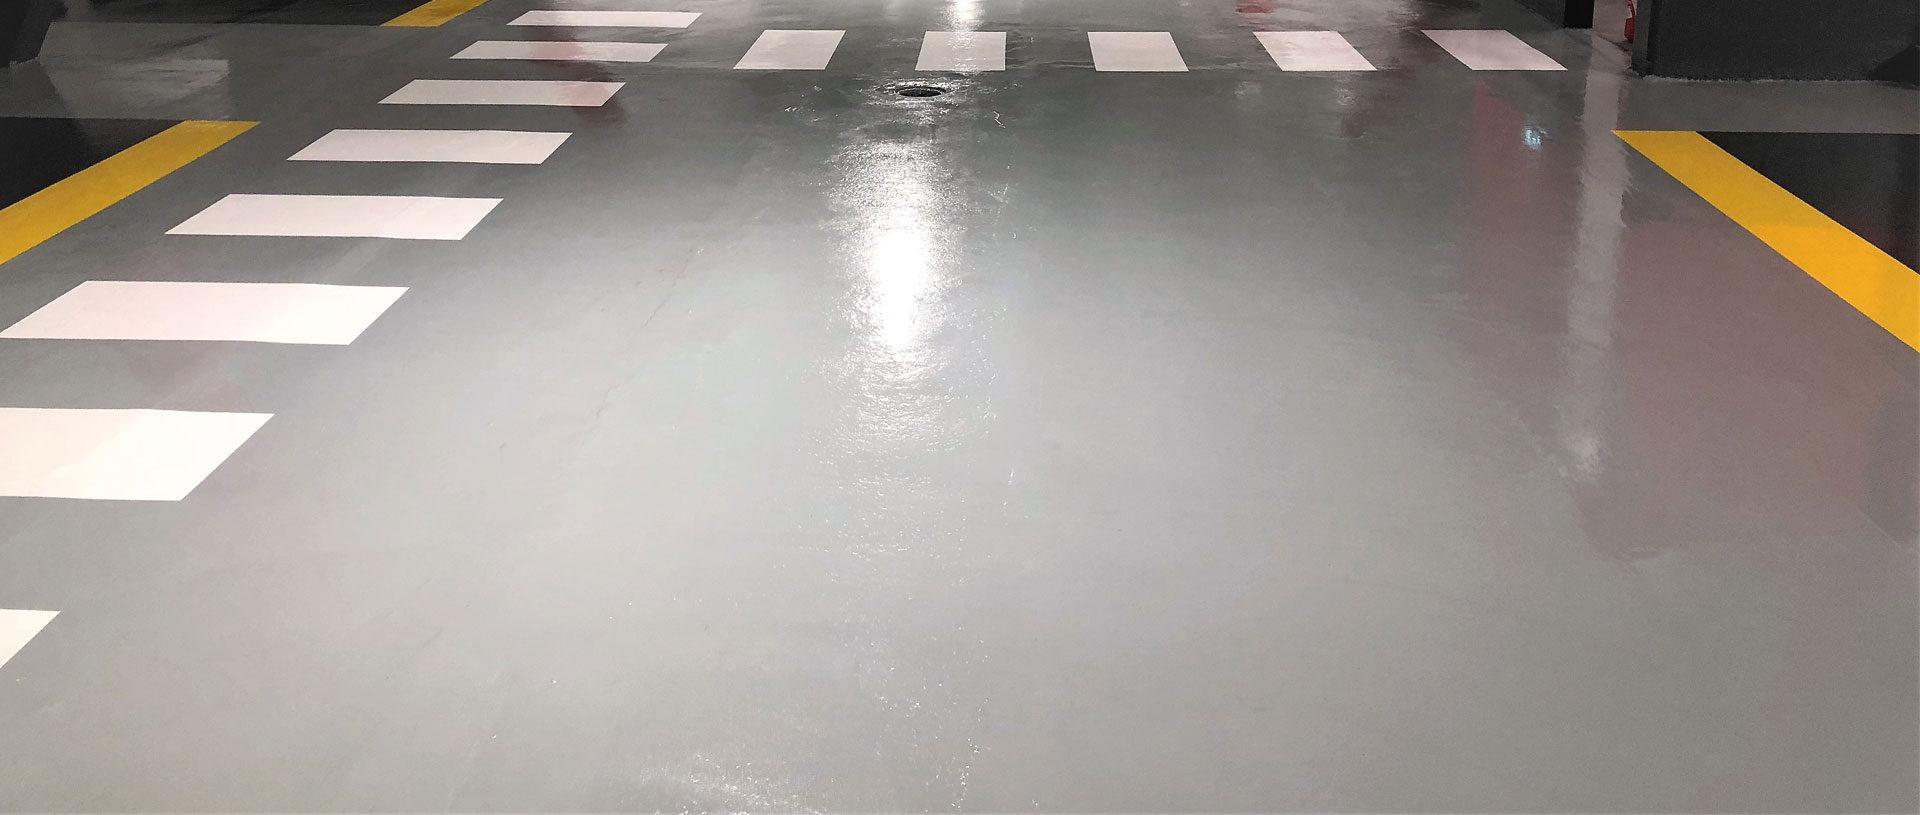 sol-en-resine-epoxy-une-entreprise-a-votre-service-dans-le-val-de-marne-94